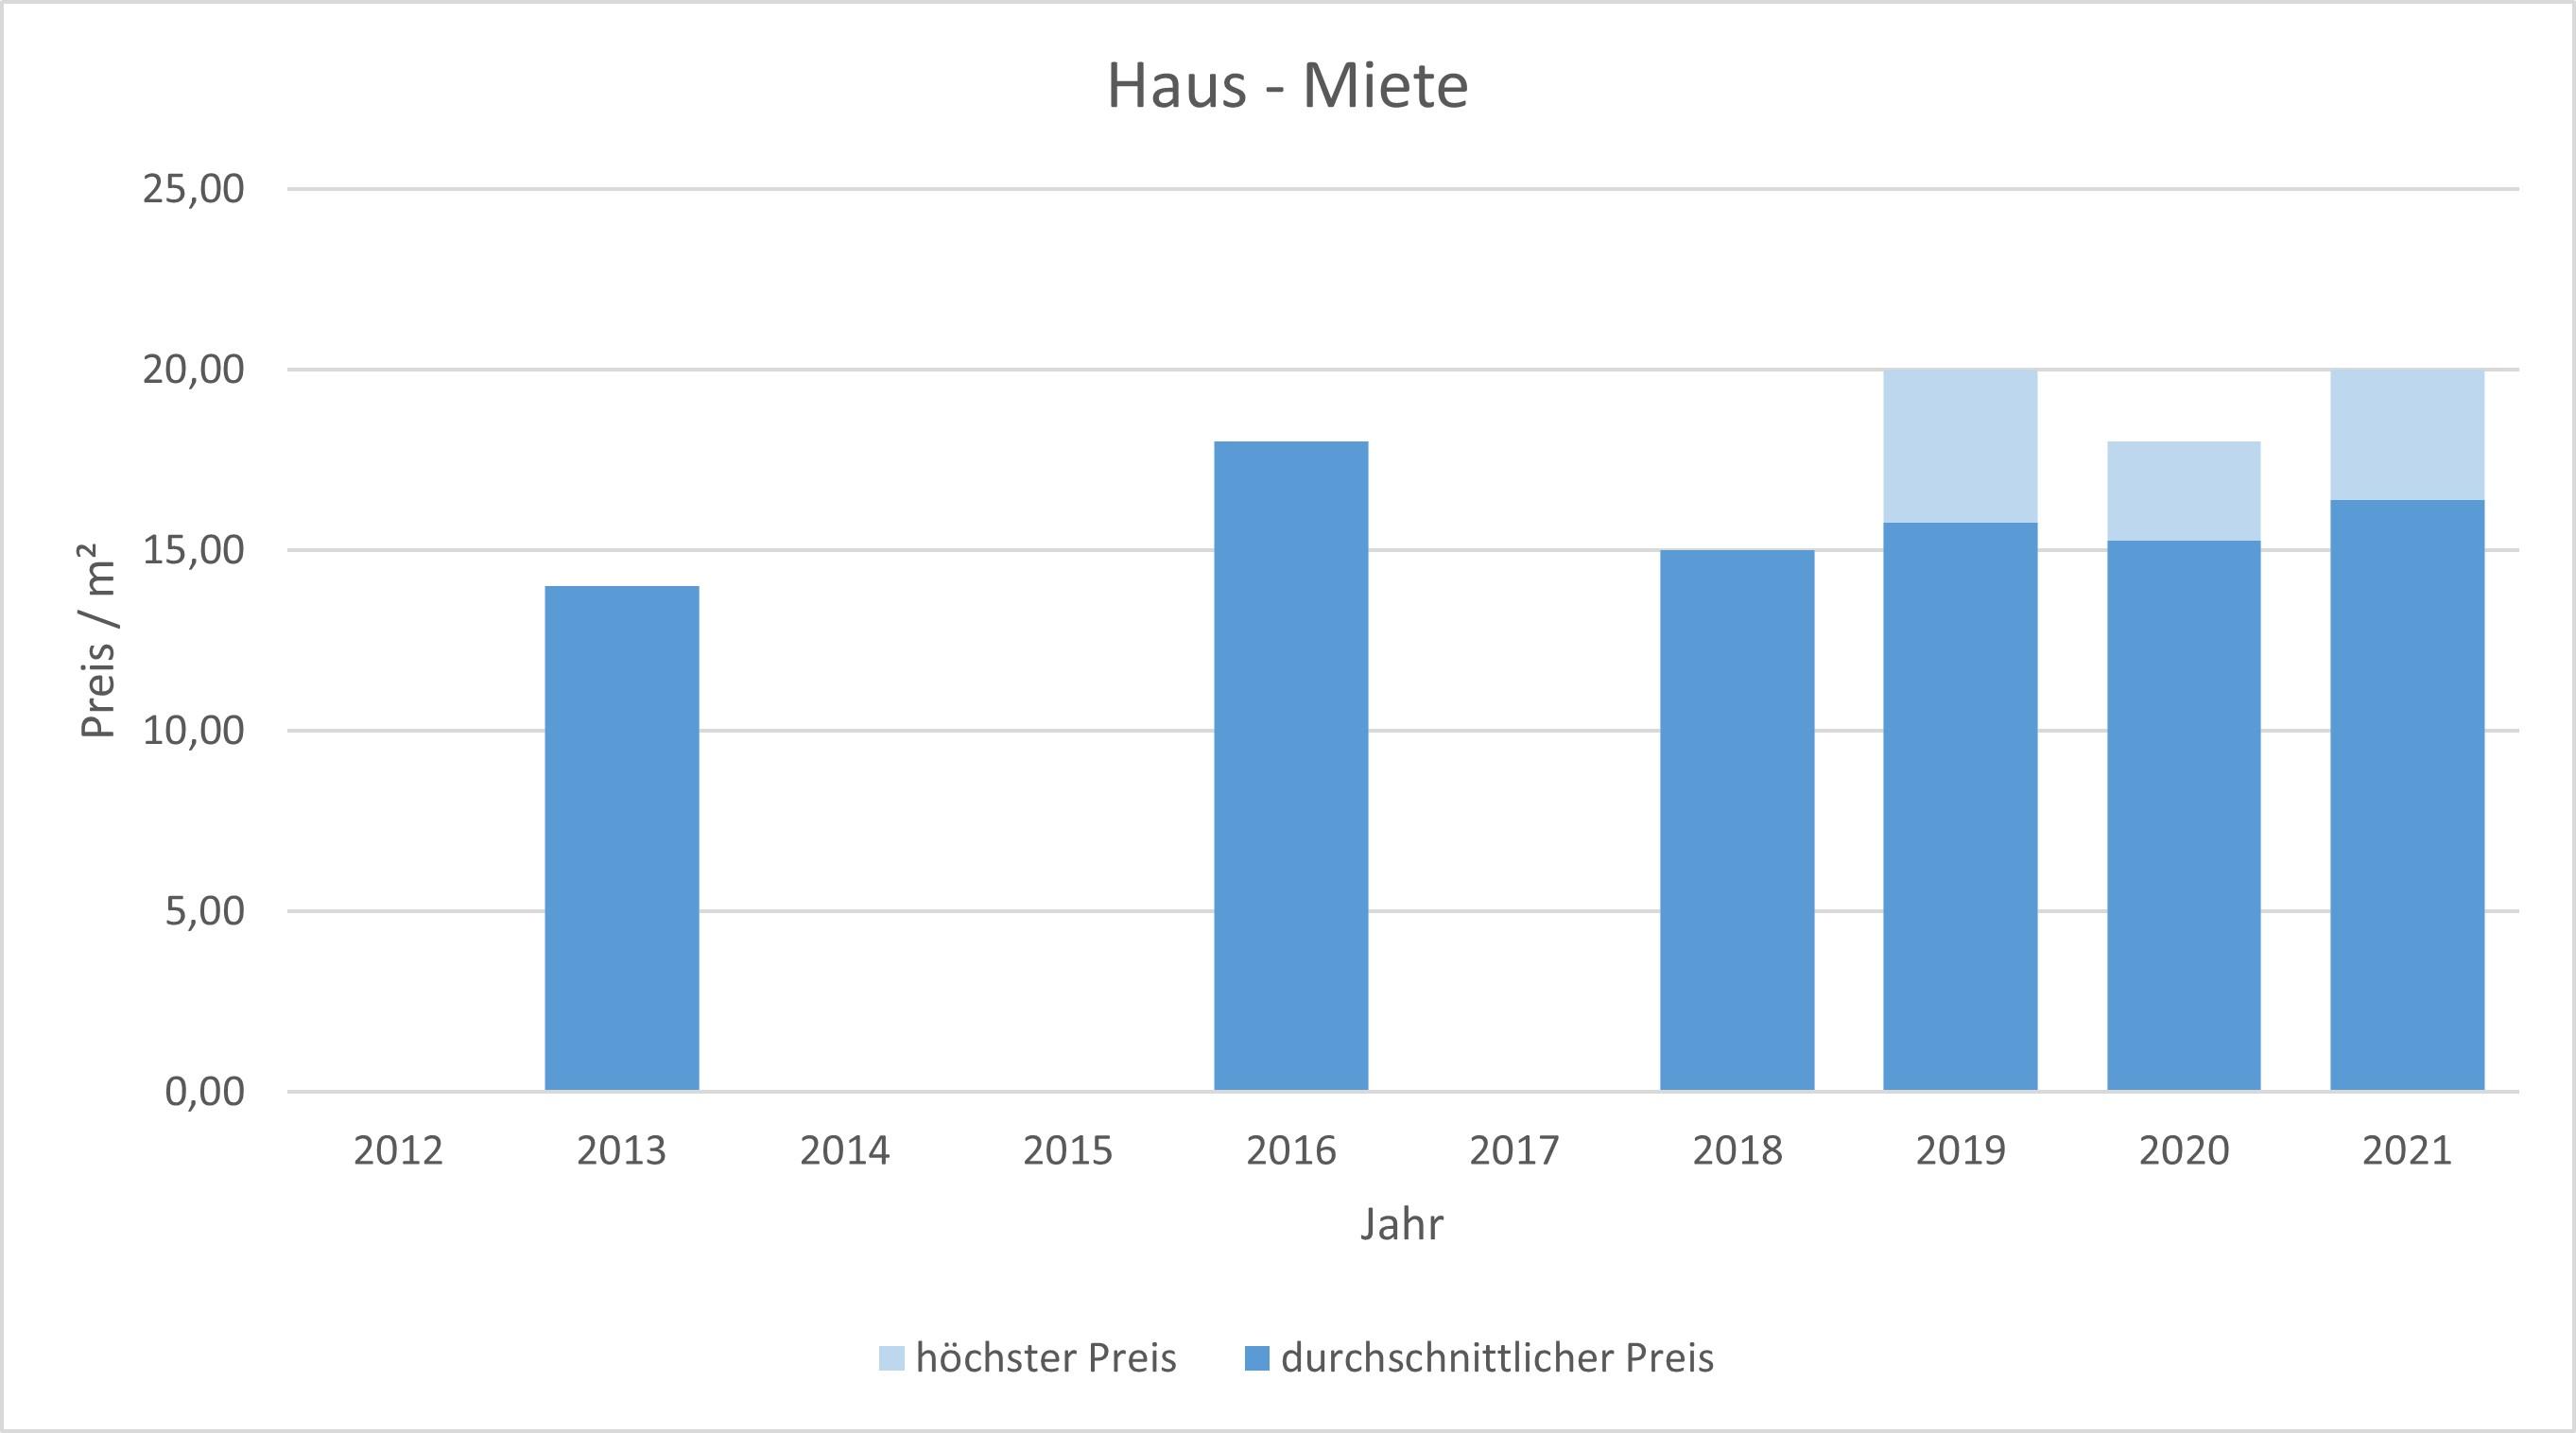 München - Lerchenau Haus mieten vermieten Preis Bewertung Makler 2019 2020 2021 www.happy-immo.de